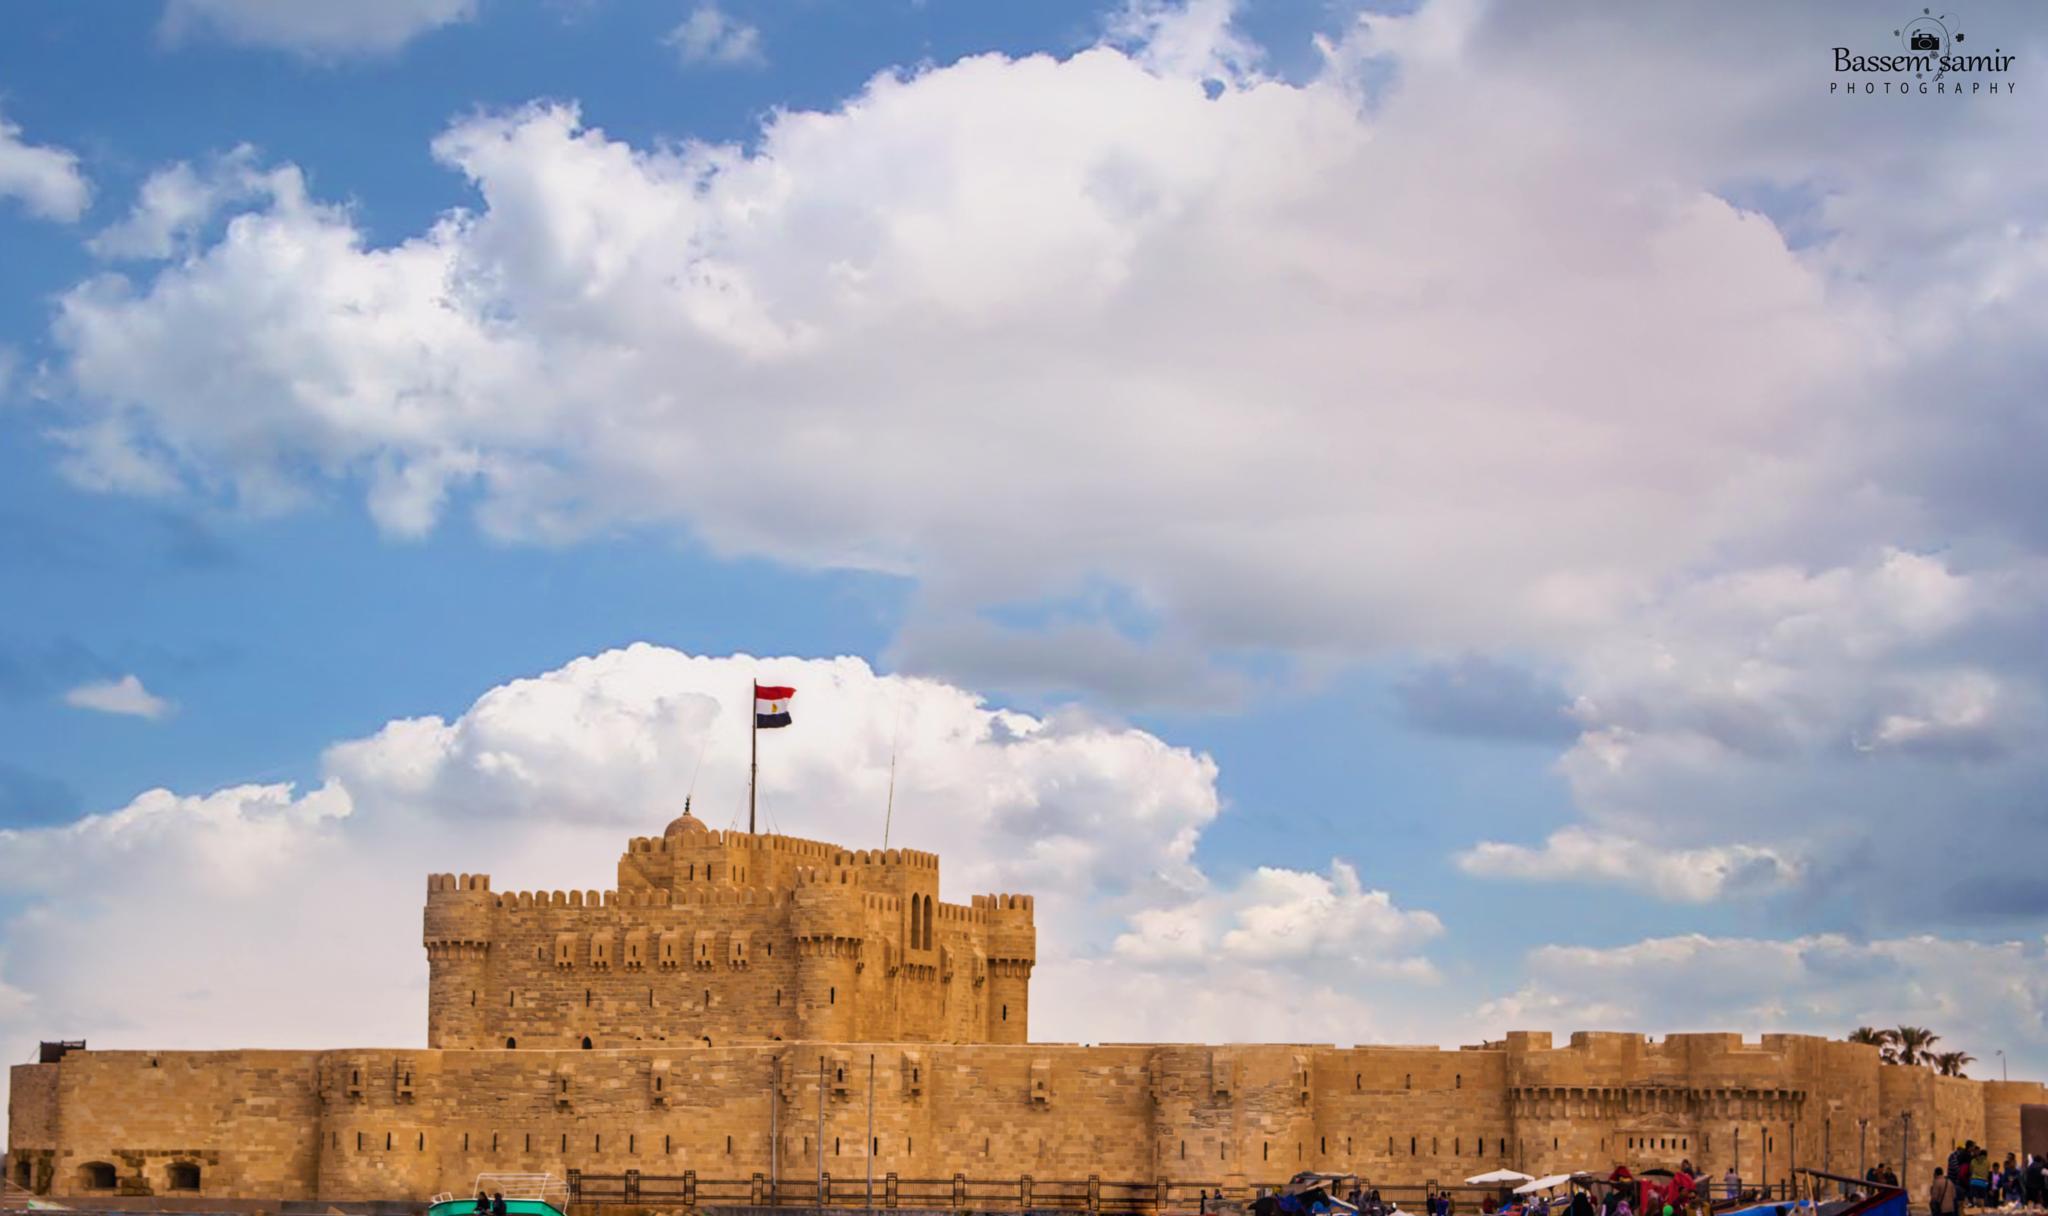 Castle by bassem samir